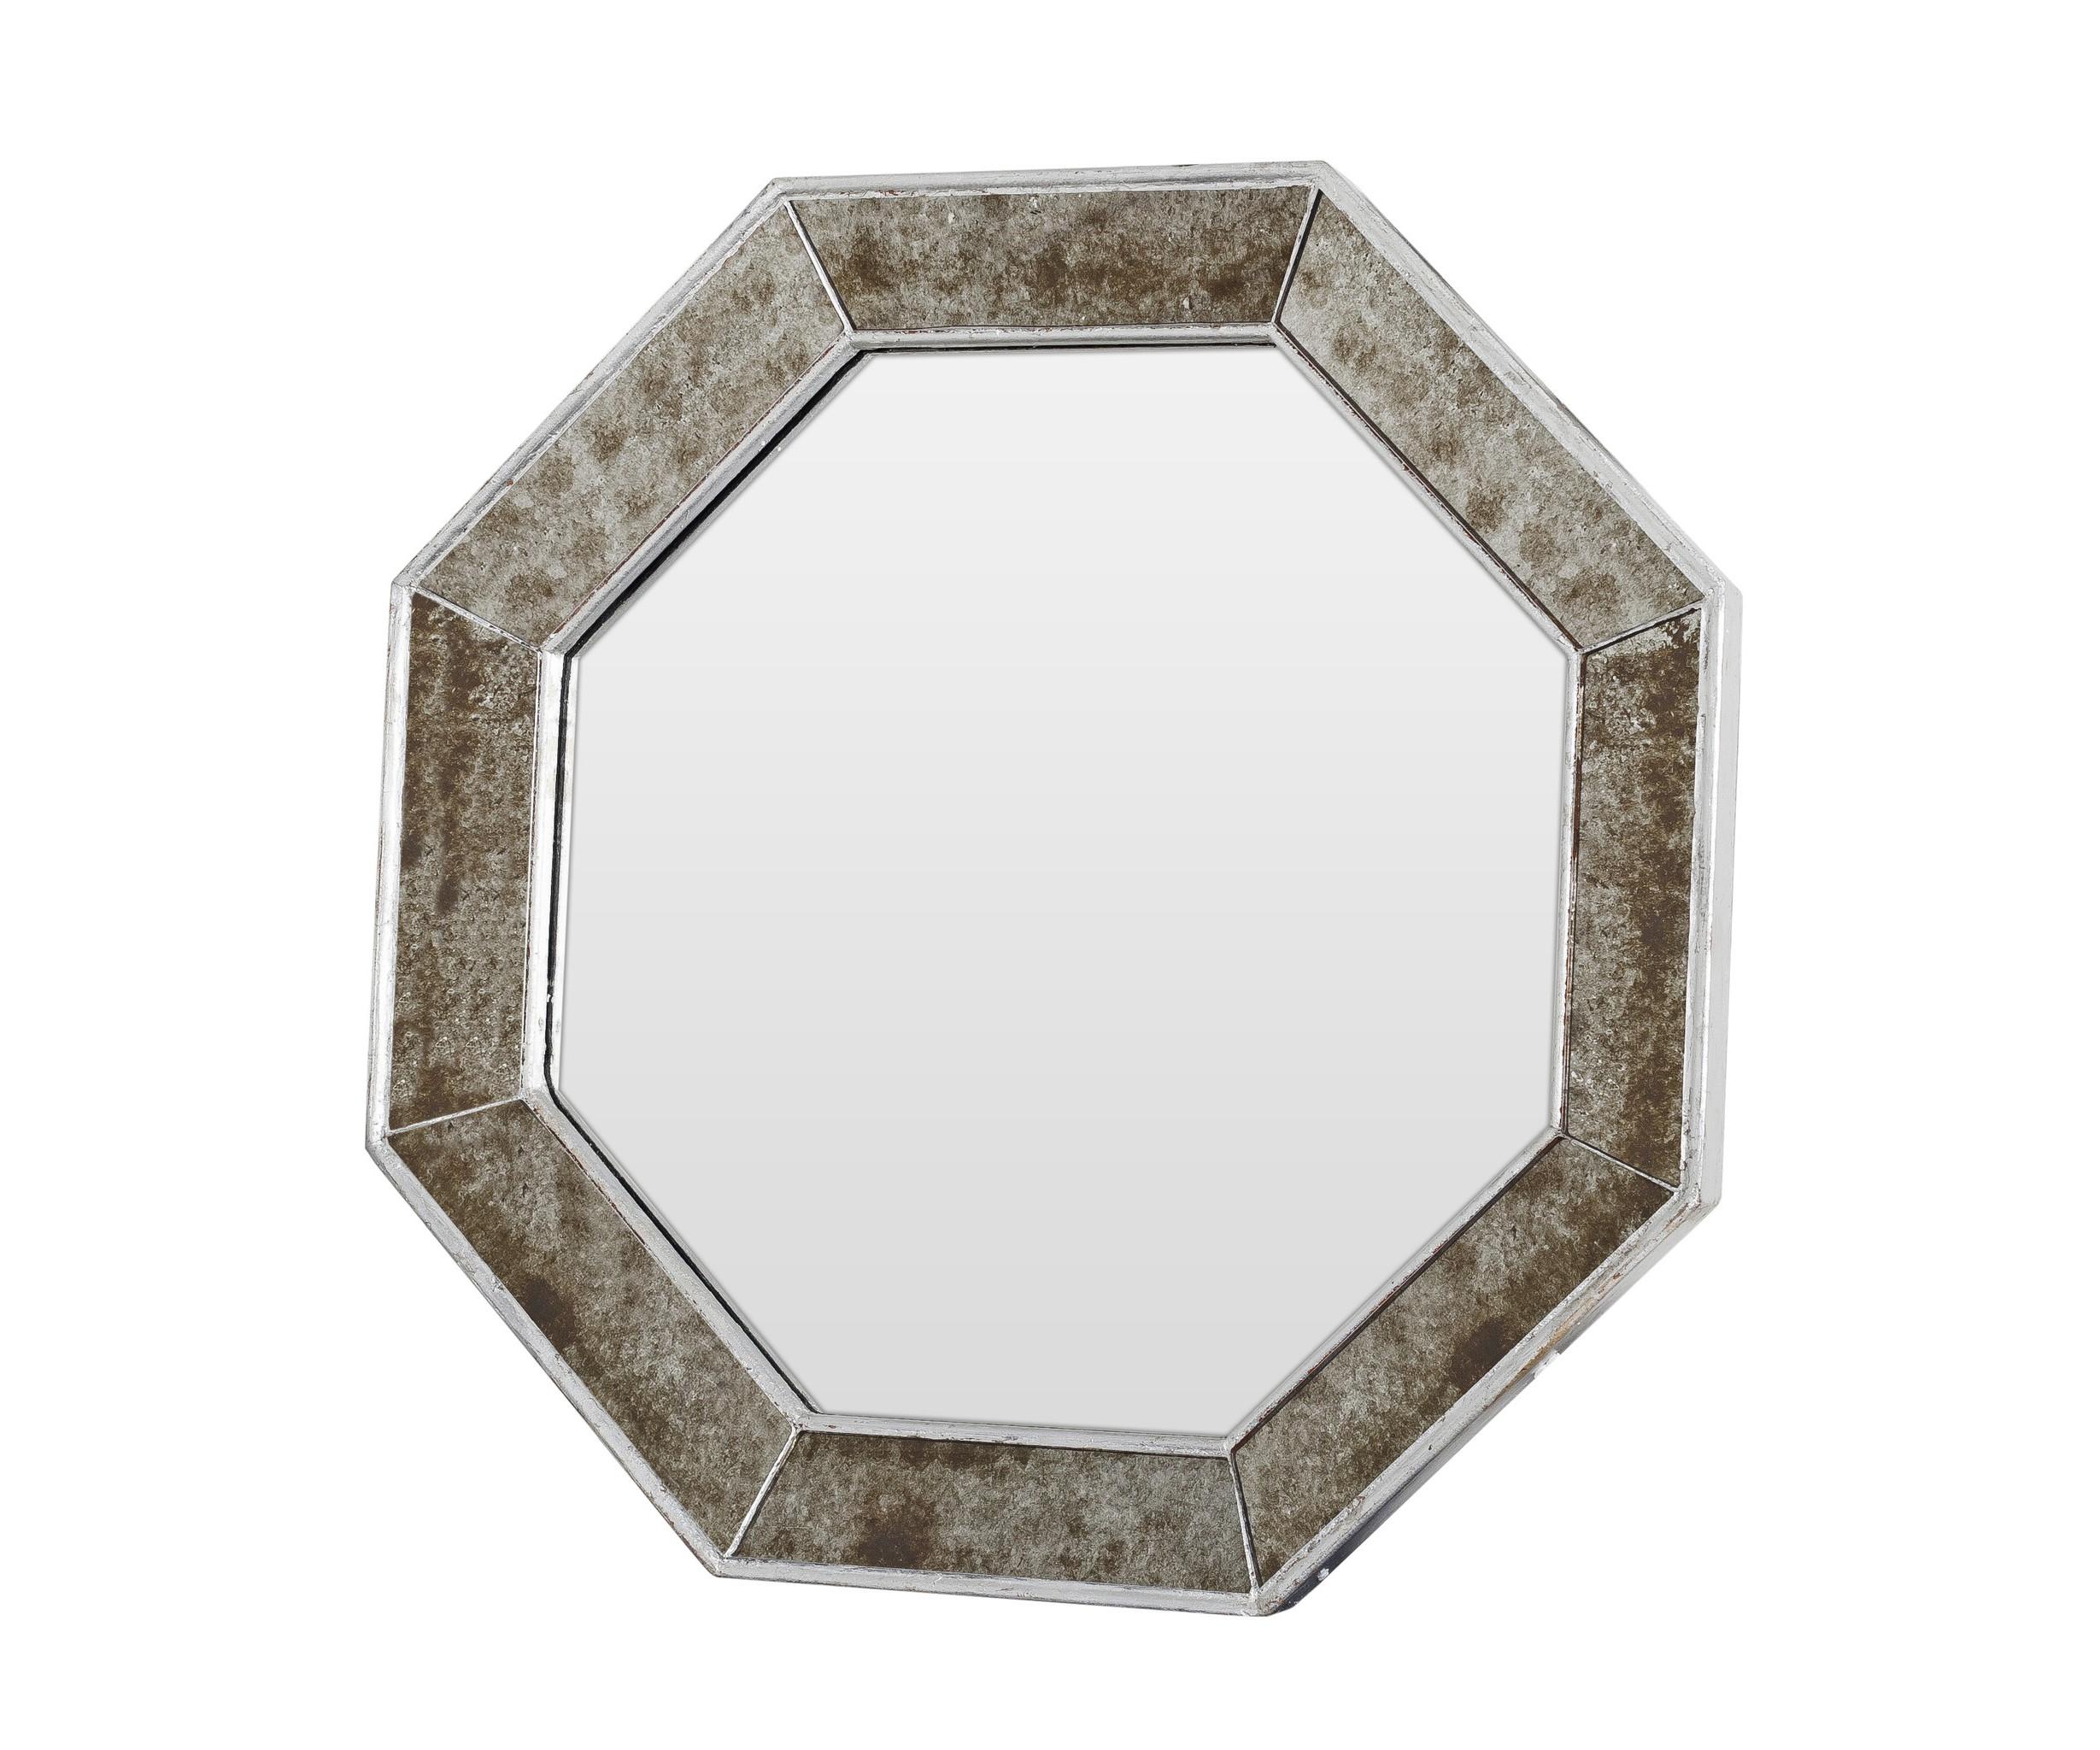 Зеркало ручной работы Старинное серебро (вогнуто внутрь)Настенные зеркала<br>Что отличает это зеркало от других? Душа, которую вложил его создатель в каждую деталь. Руками лучших мастеров достигается удивительный эффект состаривания боковых зеркал, благодаря которому этот дизайнерский предмет выглядит как настоящая семейная реликвия. Необычная вогнутая форма изделия поражает воображение. Зеркало «Старинное серебро» станет настоящим украшением интерьера вашего дома.&amp;amp;nbsp;&amp;lt;div&amp;gt;&amp;lt;br&amp;gt;&amp;lt;/div&amp;gt;&amp;lt;div&amp;gt;Материалы: основа - массив дерева; рама - натуральное дерево, состаренное зеркало серебряной амальгамы; зеркальное полотно - классическое зеркало серебряной амальгамы.&amp;lt;/div&amp;gt;<br><br>Material: Дерево<br>Ширина см: 58<br>Высота см: 58<br>Глубина см: 4